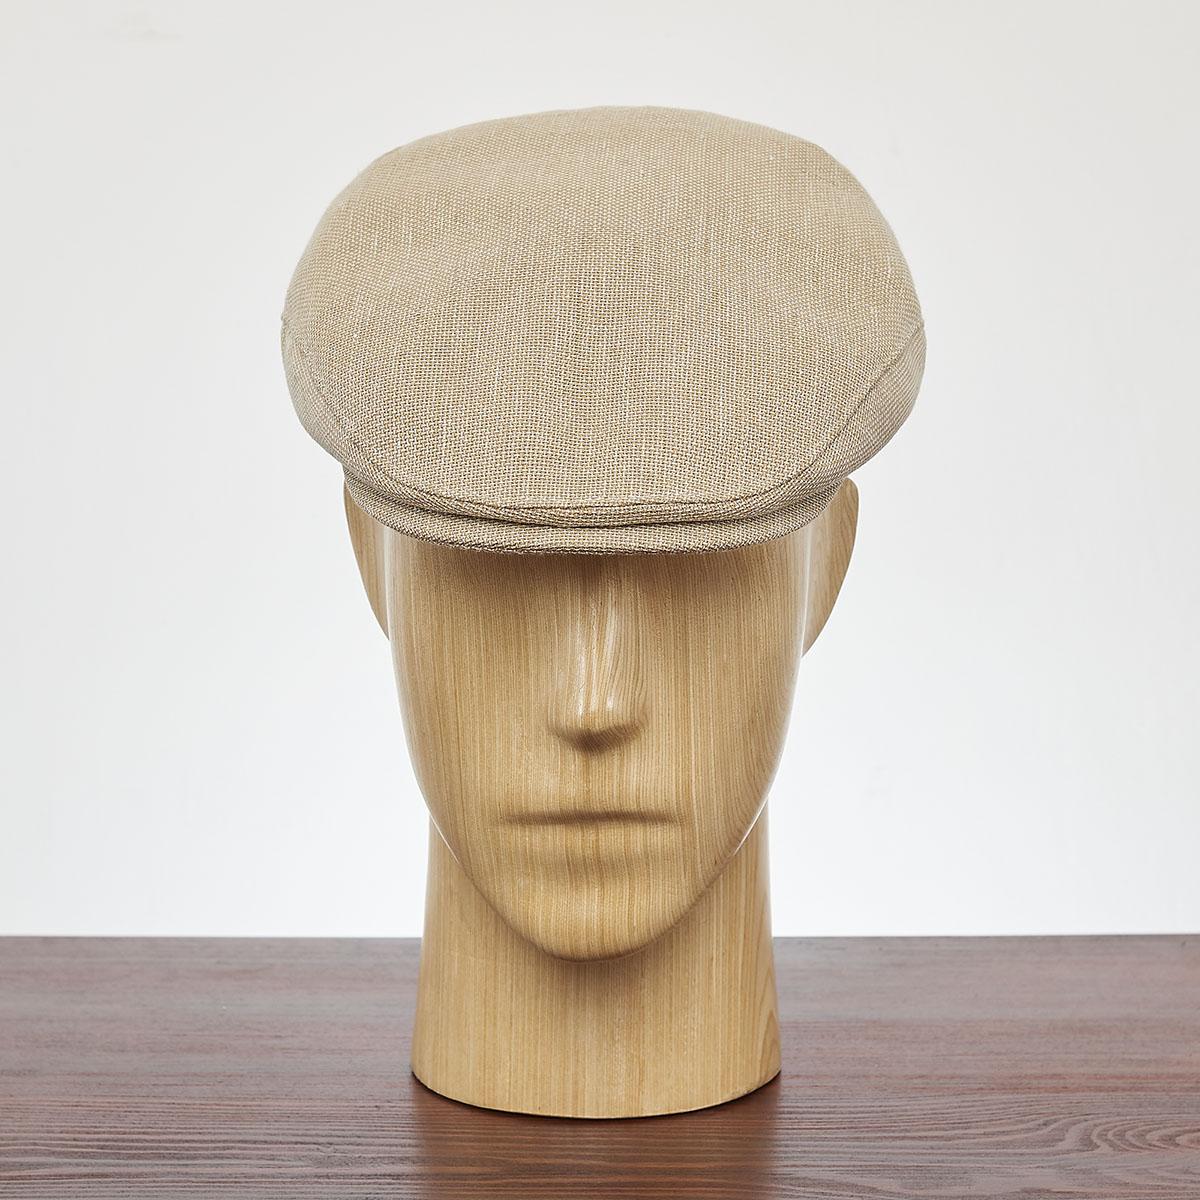 Kaszkiet Lniano-Bawełniany Derby idealna przewiewna i lekka czapka na letnie upalne dni